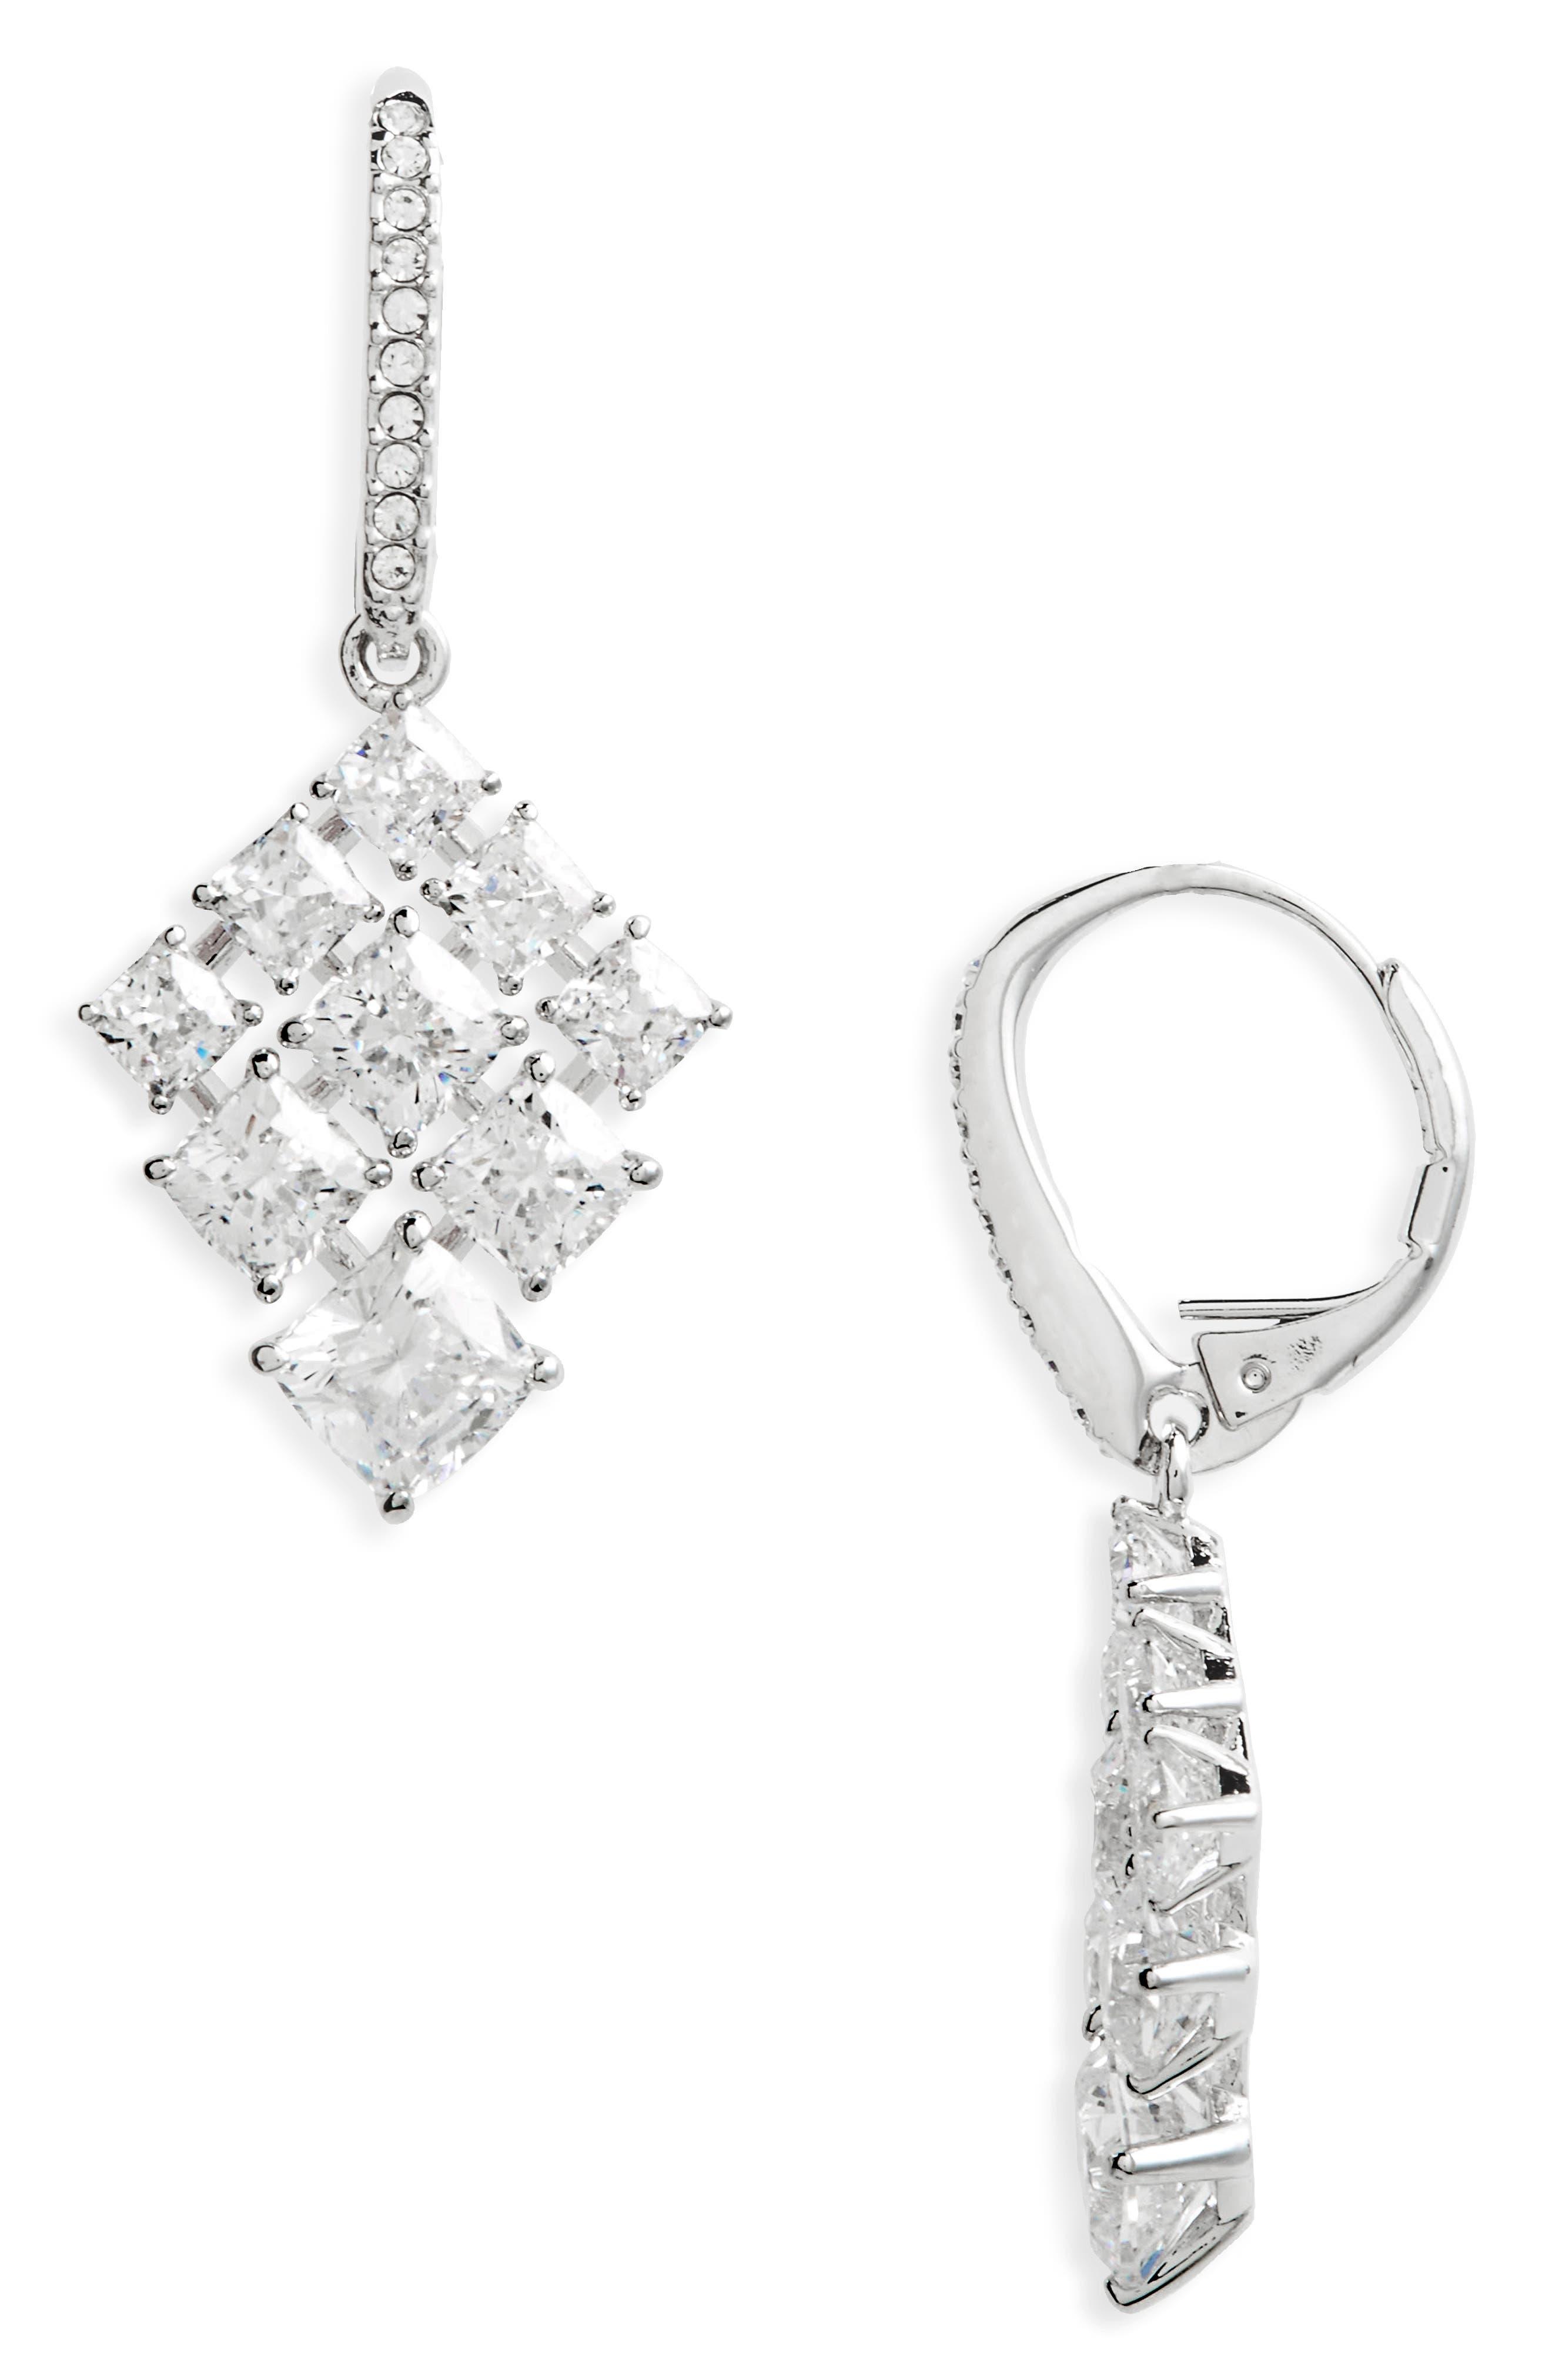 Main Image - Nadri Vera Cubic Zirconia Drop Earrings